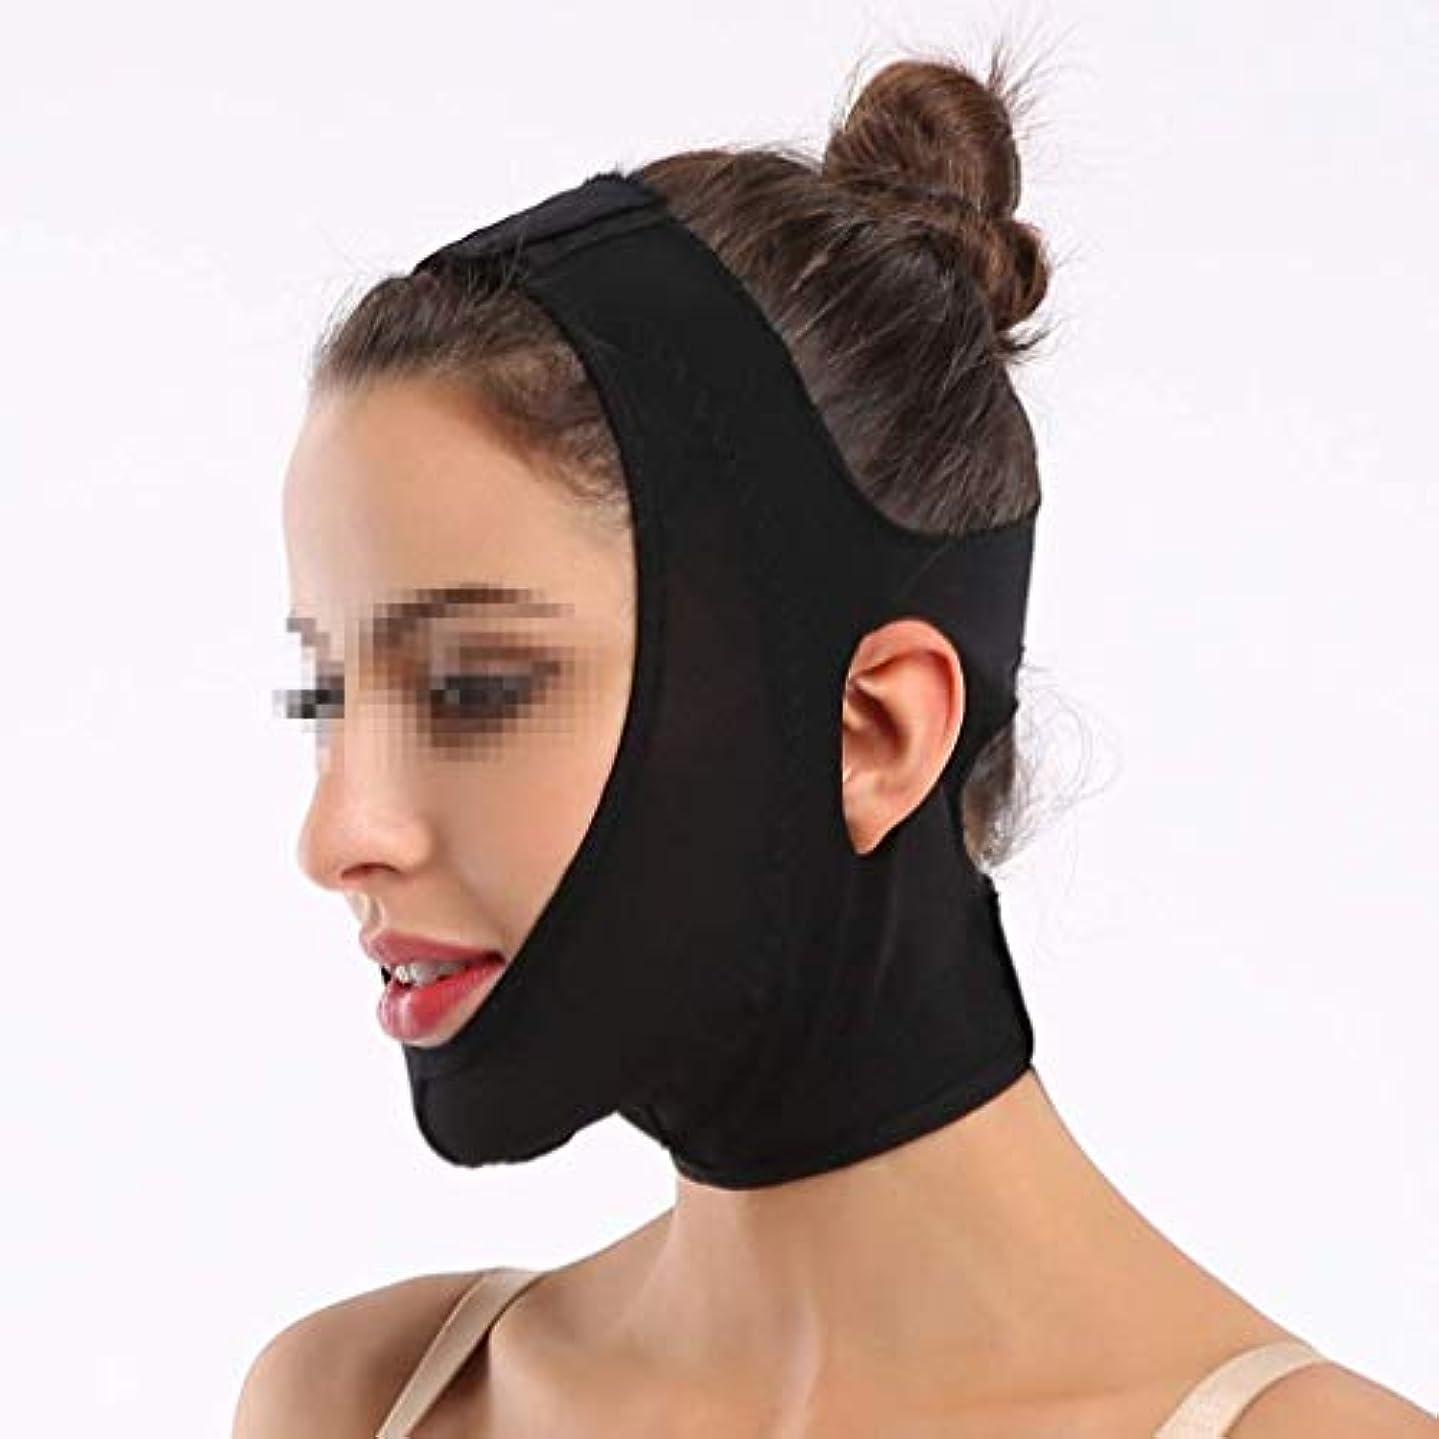 人種火傷確かめる美容と実用的なVフェイスマスク、バンデージマスクリフティングとタイトスキニービューティーサロン1日2時間Vフェイスマッサージ術後回復